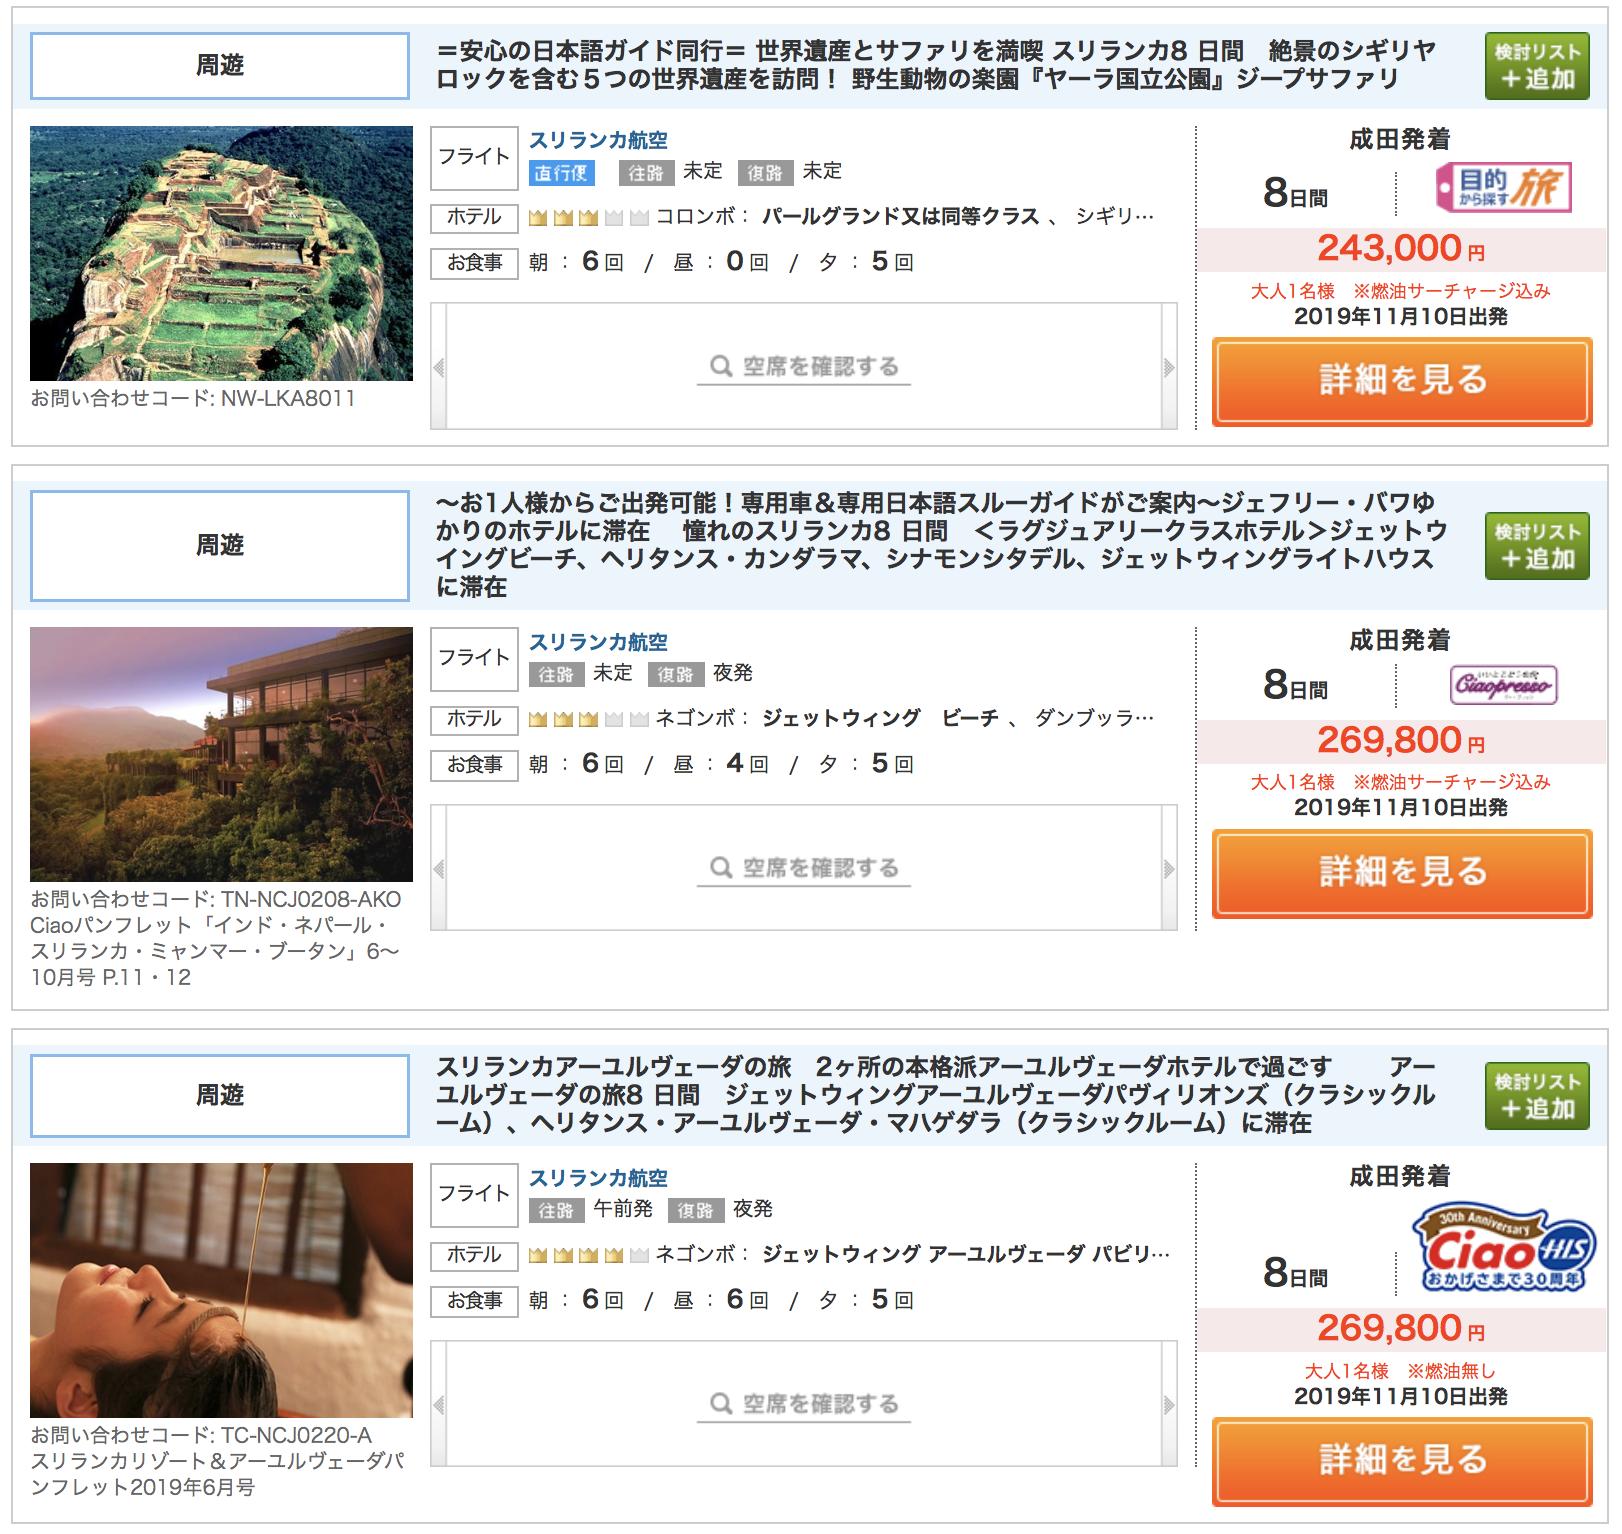 スリランカ旅行のパッケージツアーの価格